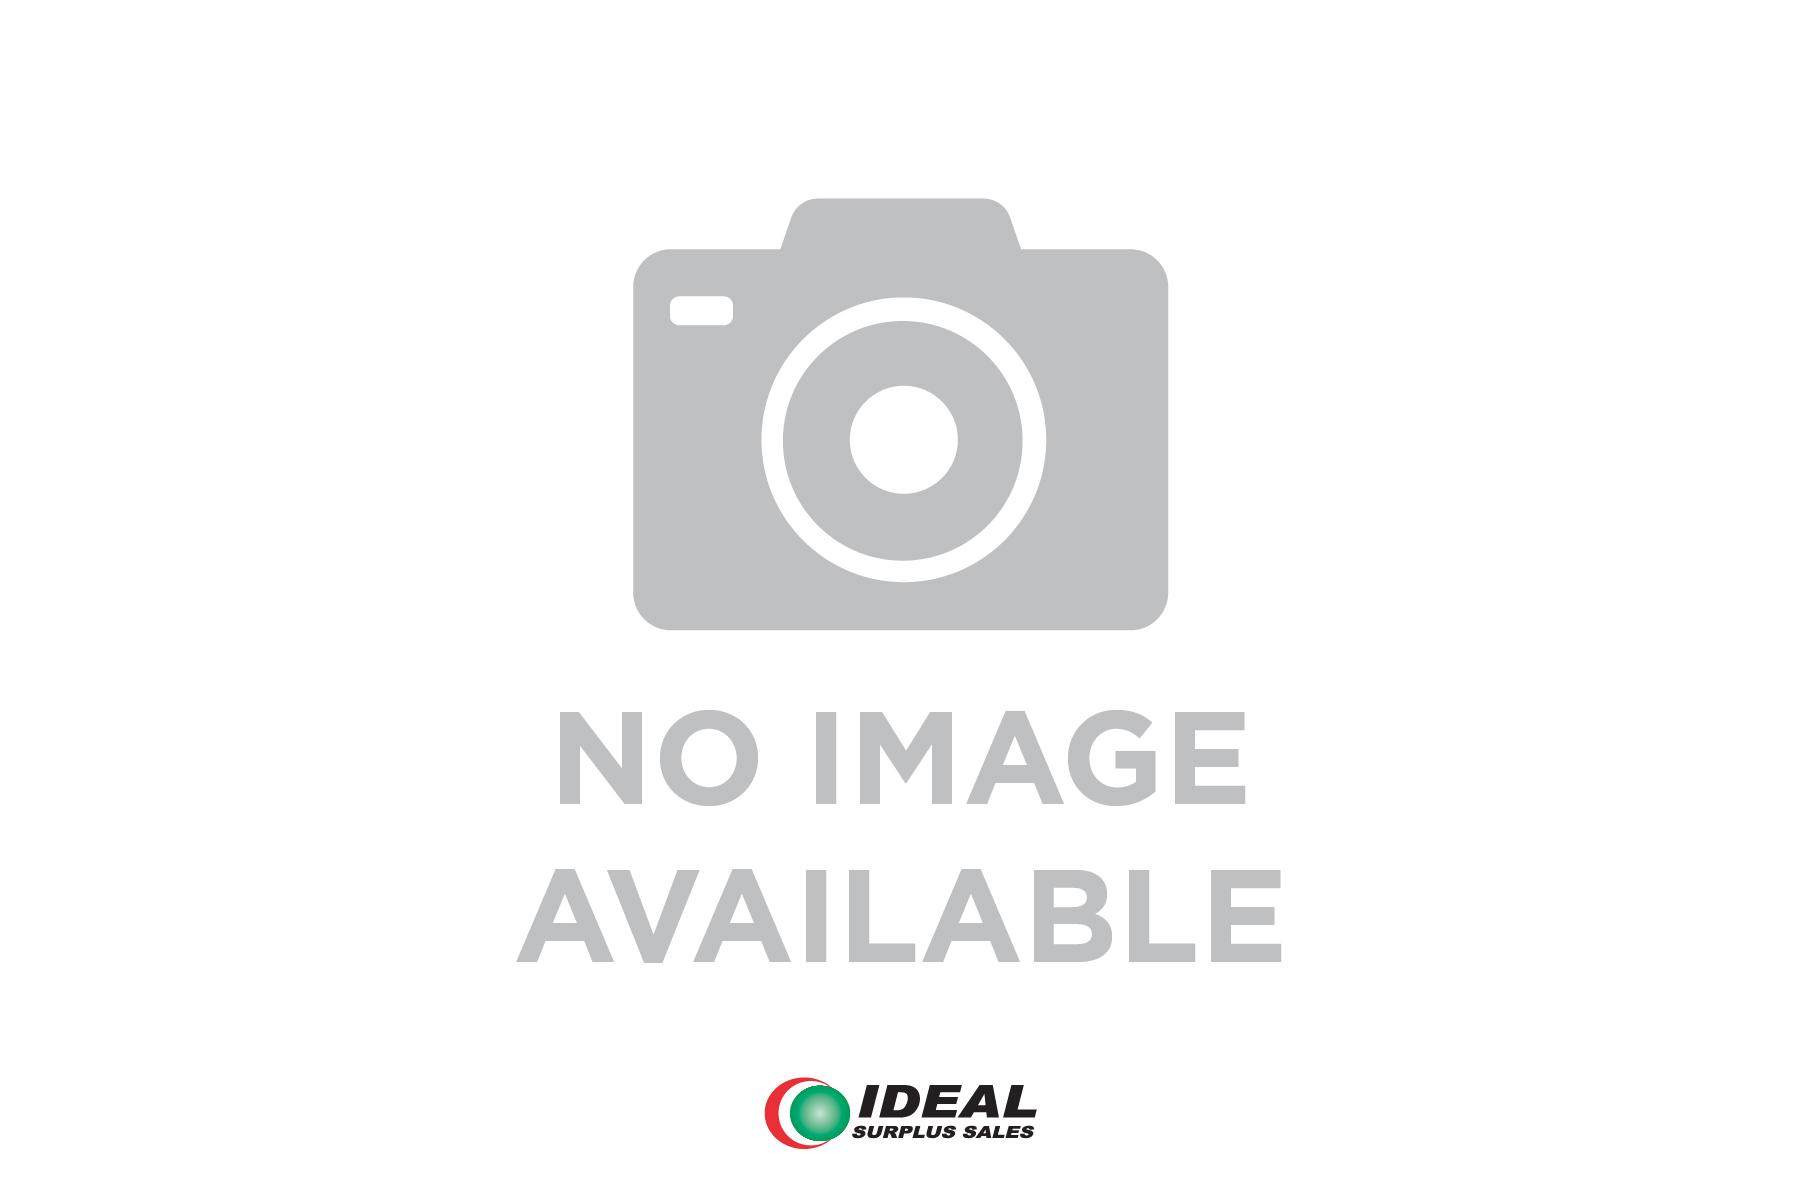 BALDOR CD9105 MOTOR